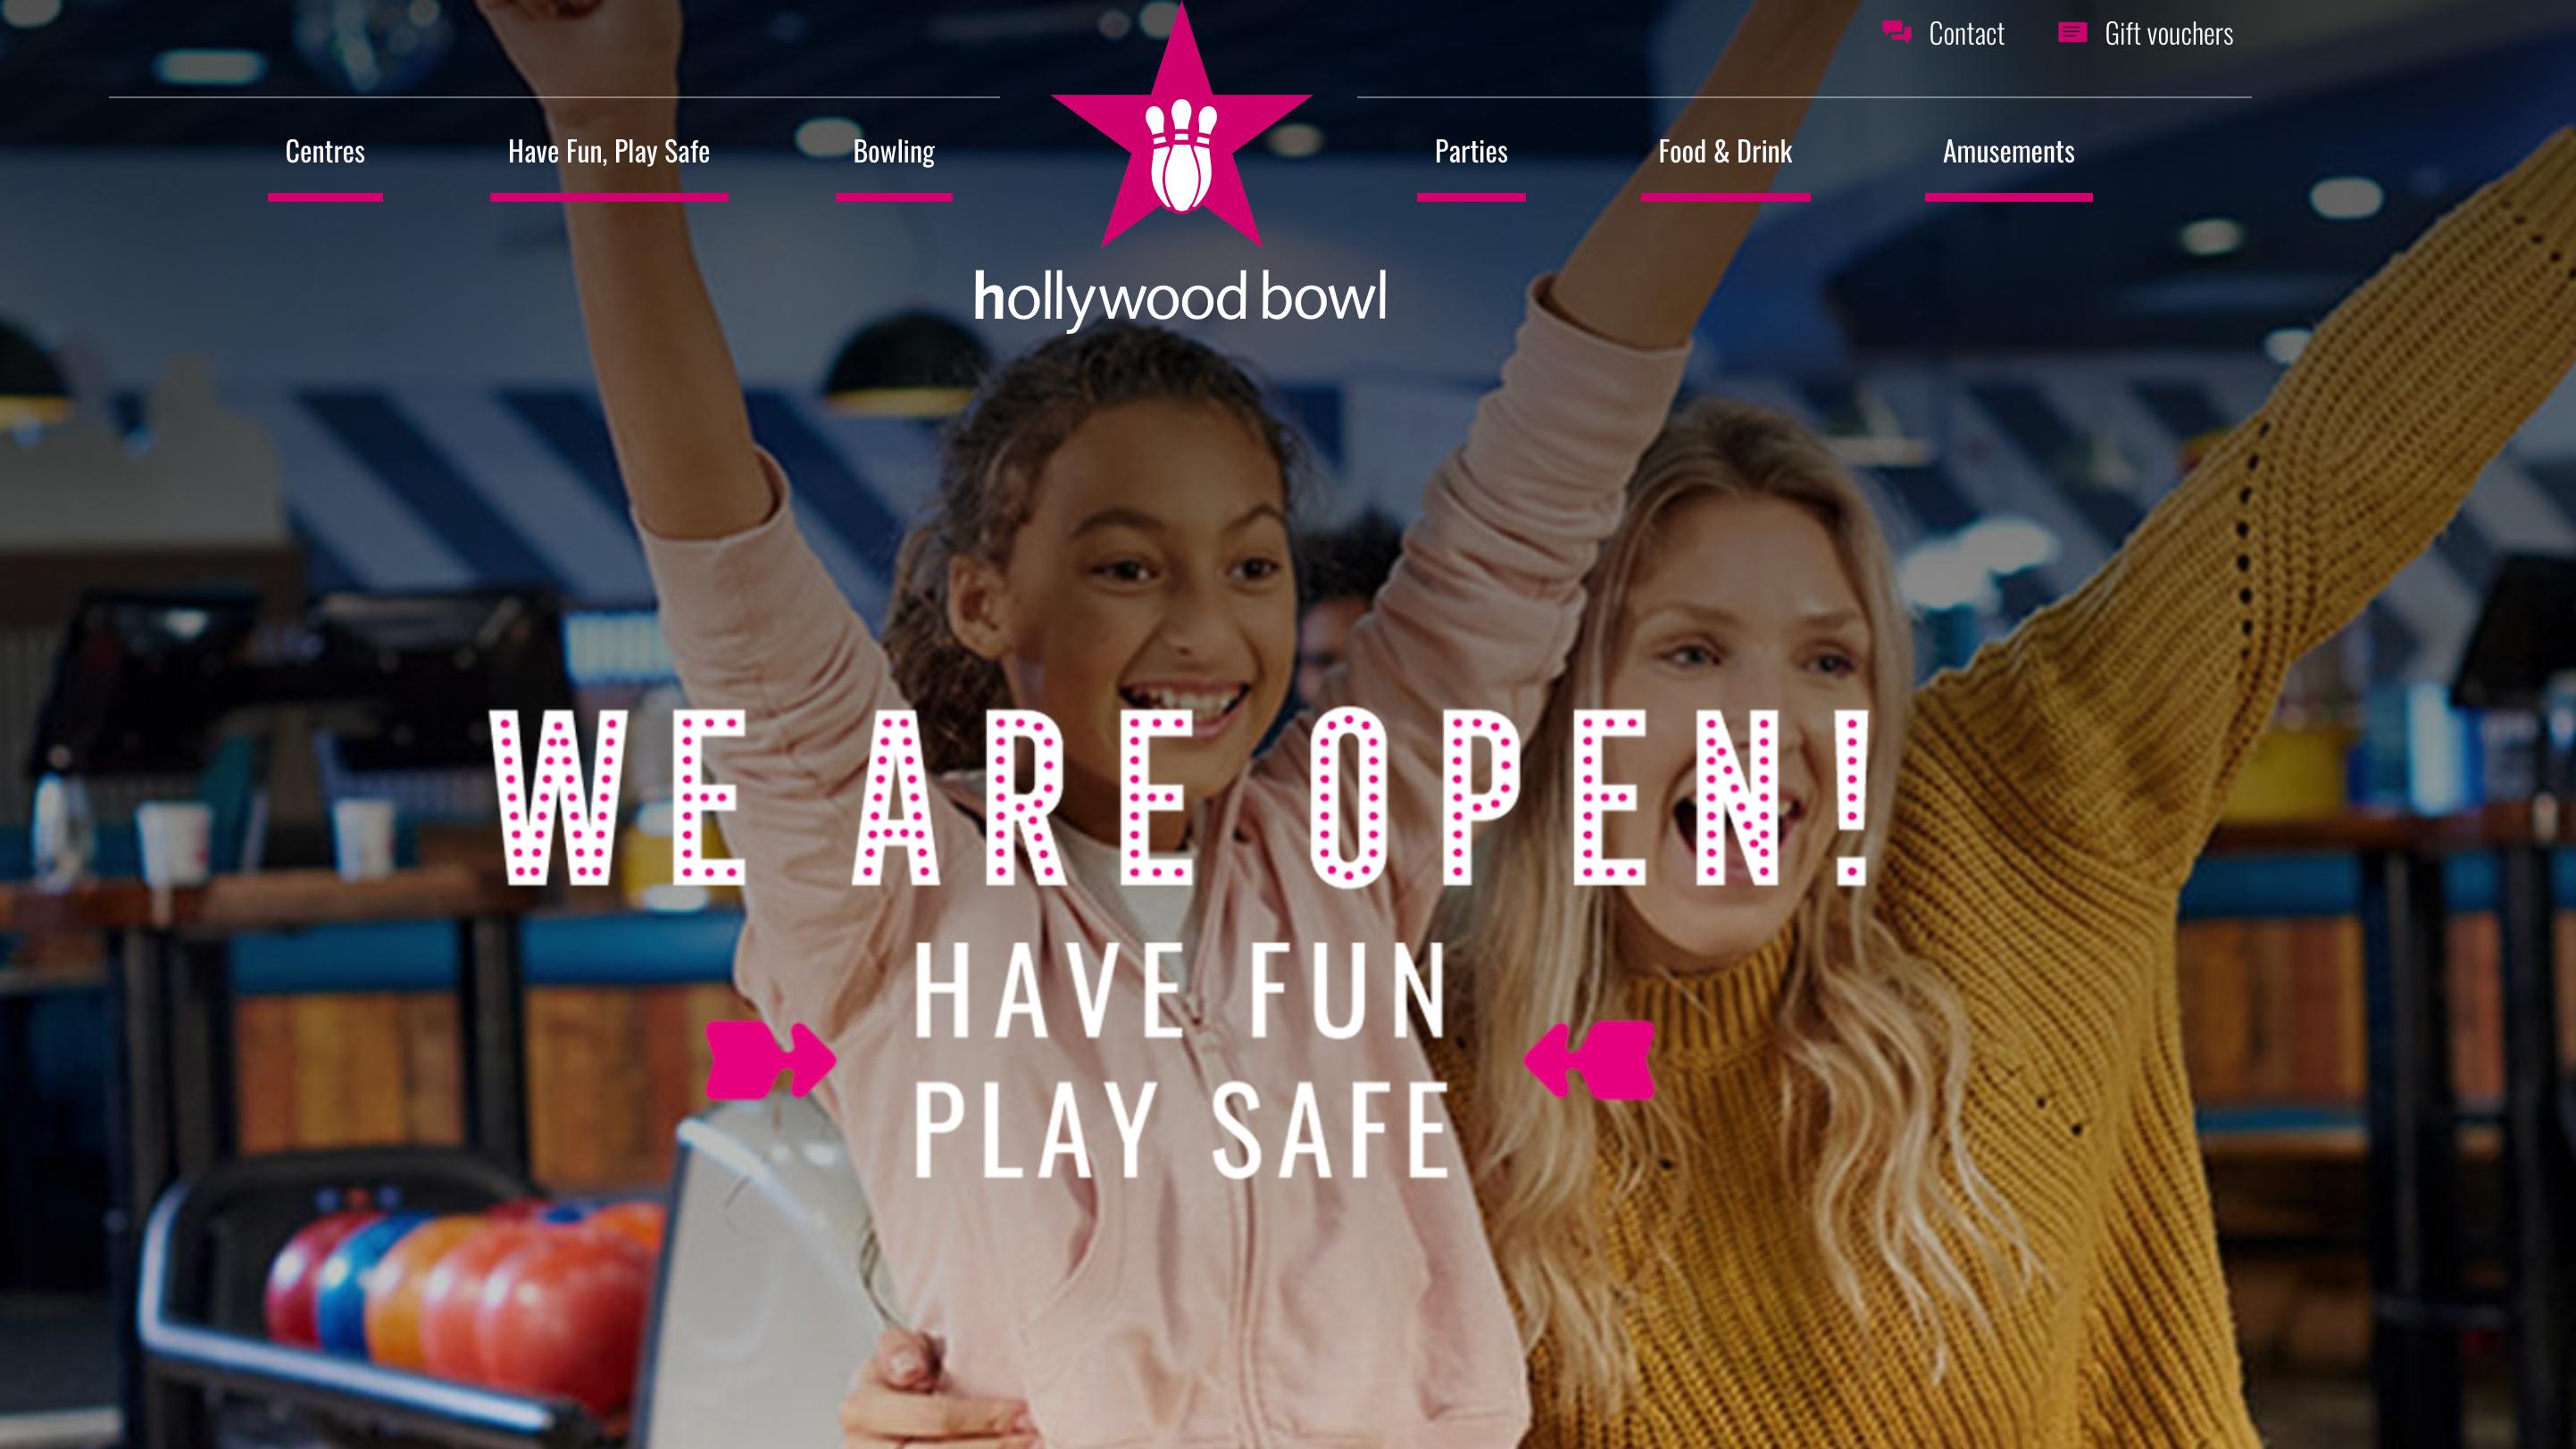 Hollywood Bowl - Ten Pin Bowling